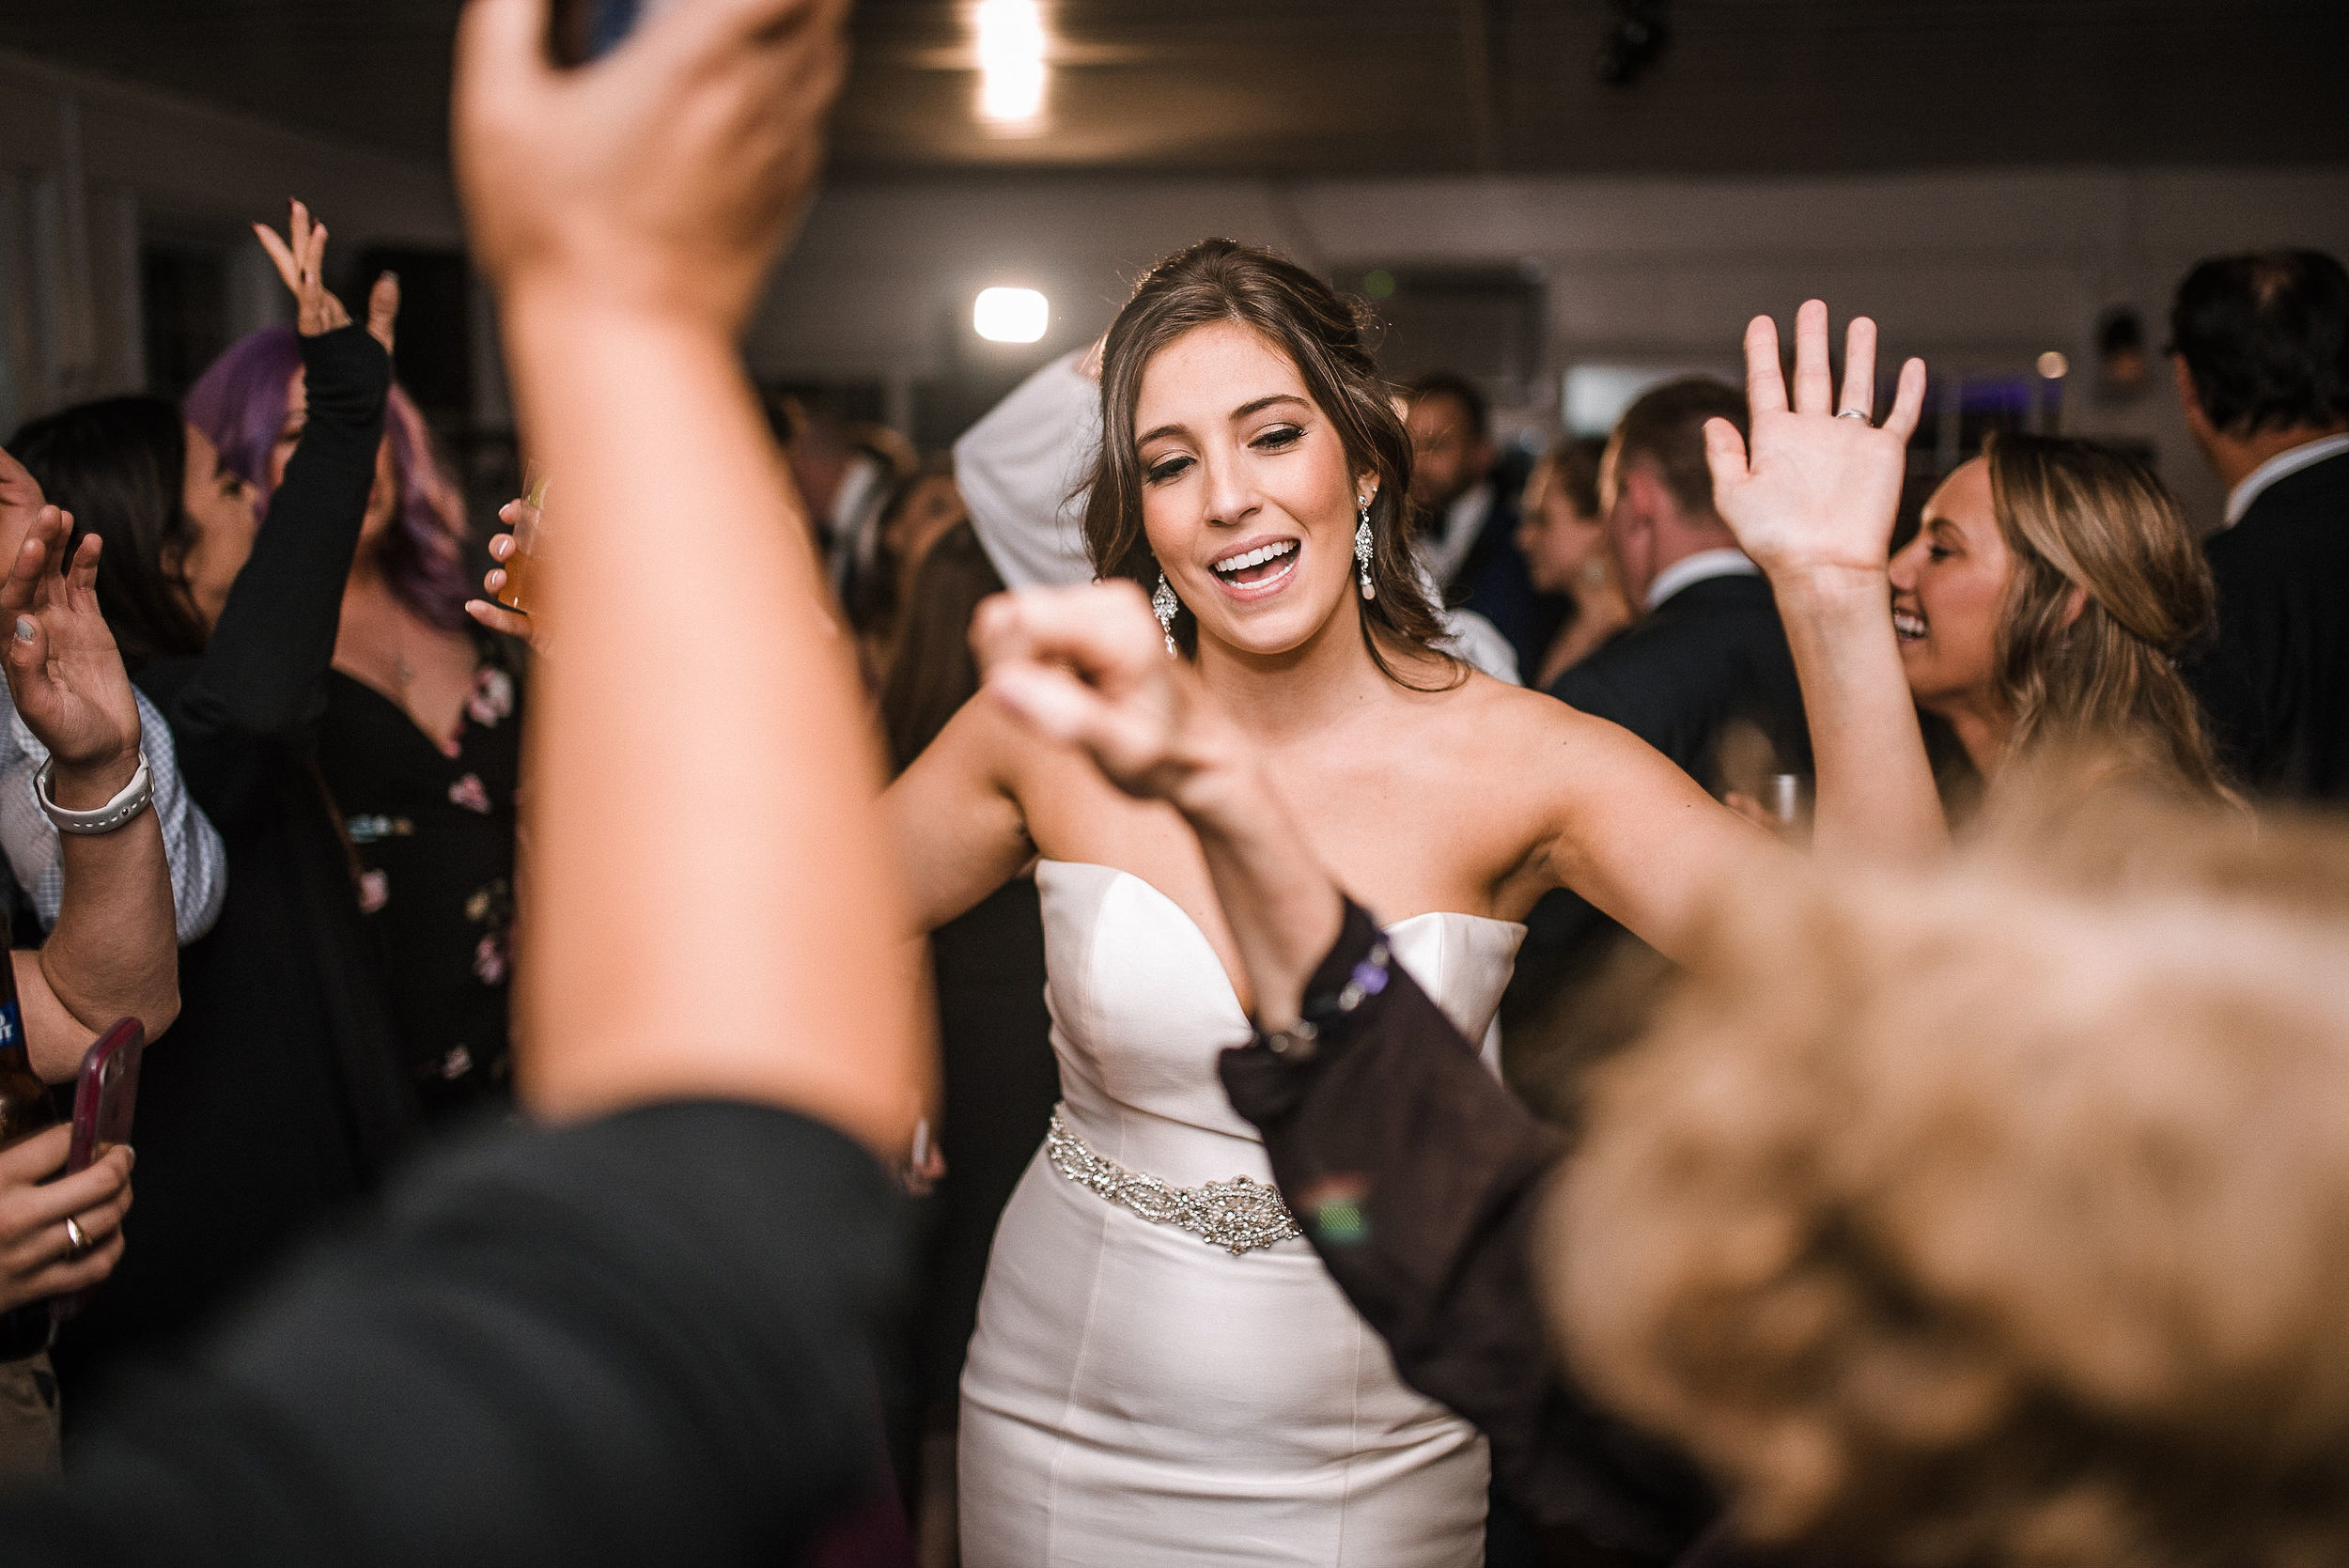 bride dancing with guests at wedding reception at Seasons at Magnolia Manor